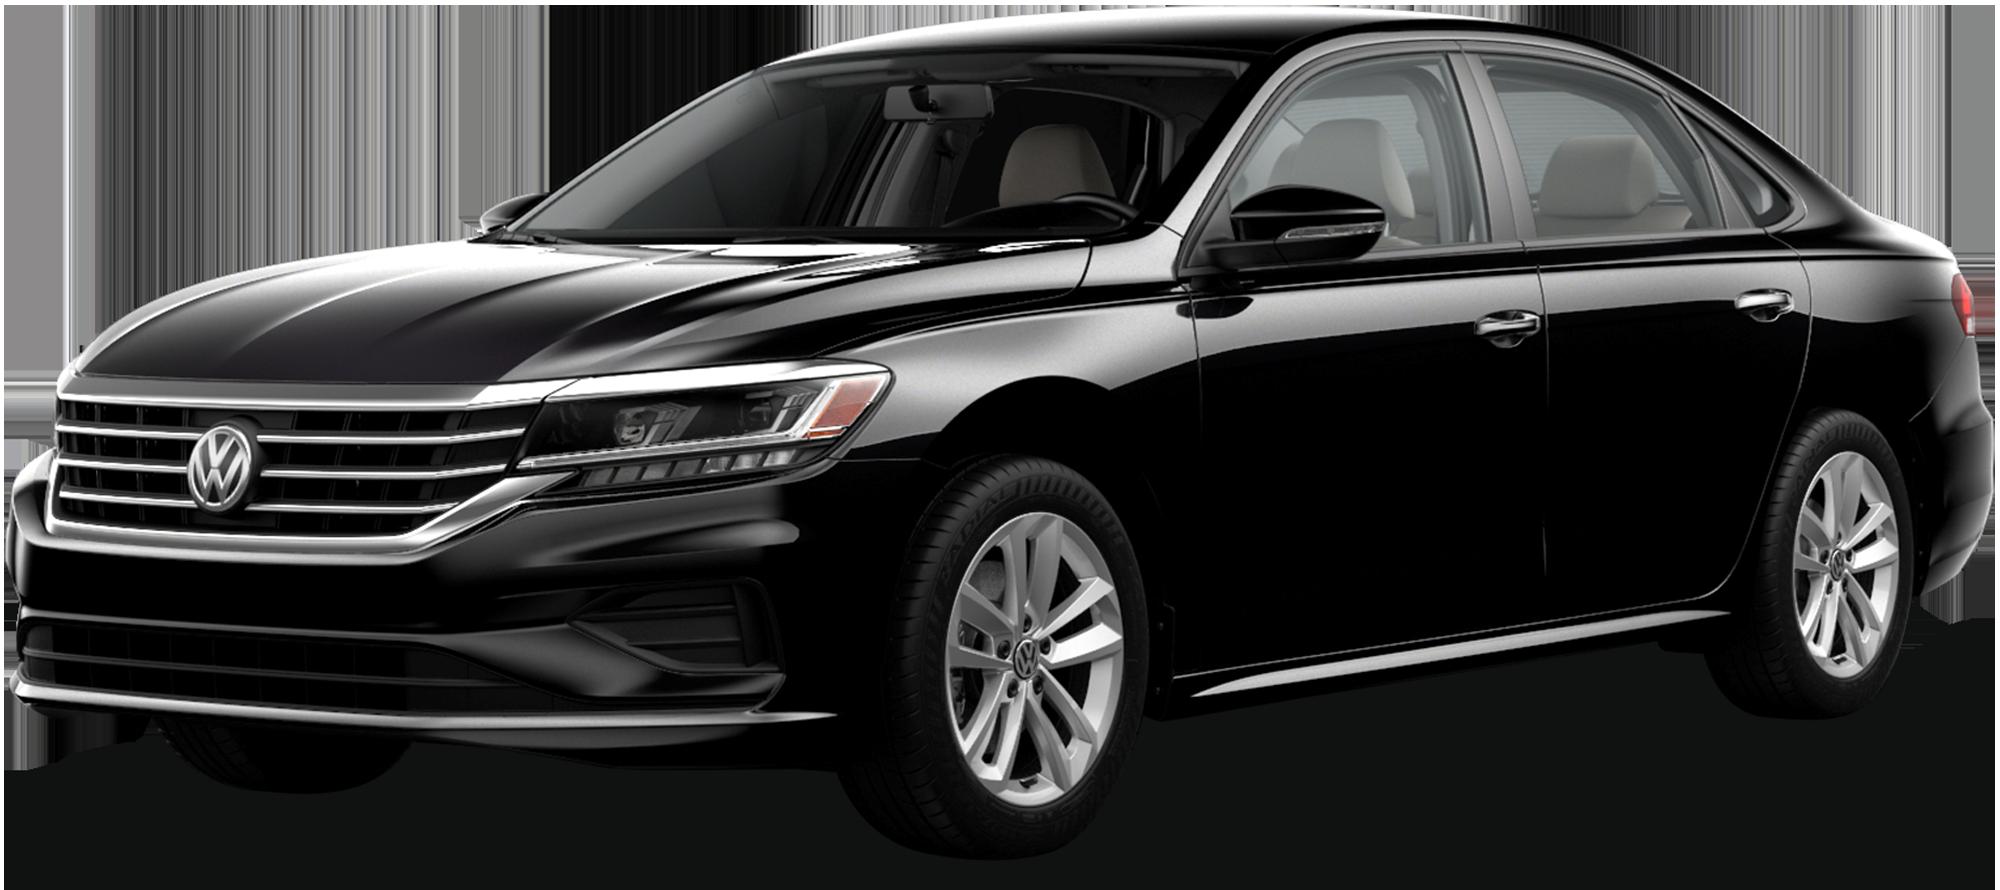 2020 Volkswagen Passat Incentives, Specials & Offers in ...